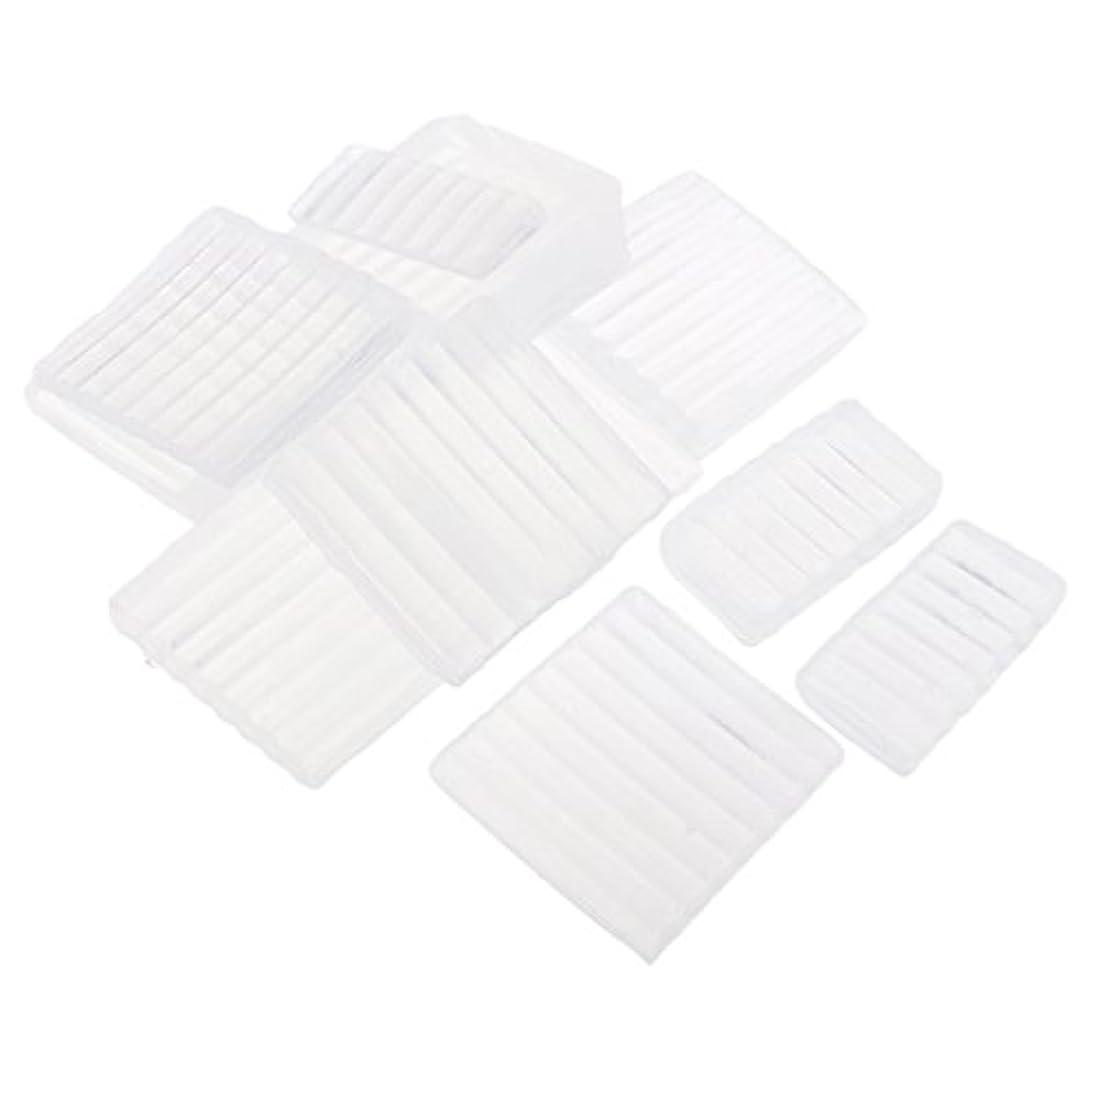 社交的副収縮透明 石鹸ベース せっけん DIY 手作り 石鹸作り 材料 白い石鹸ベース